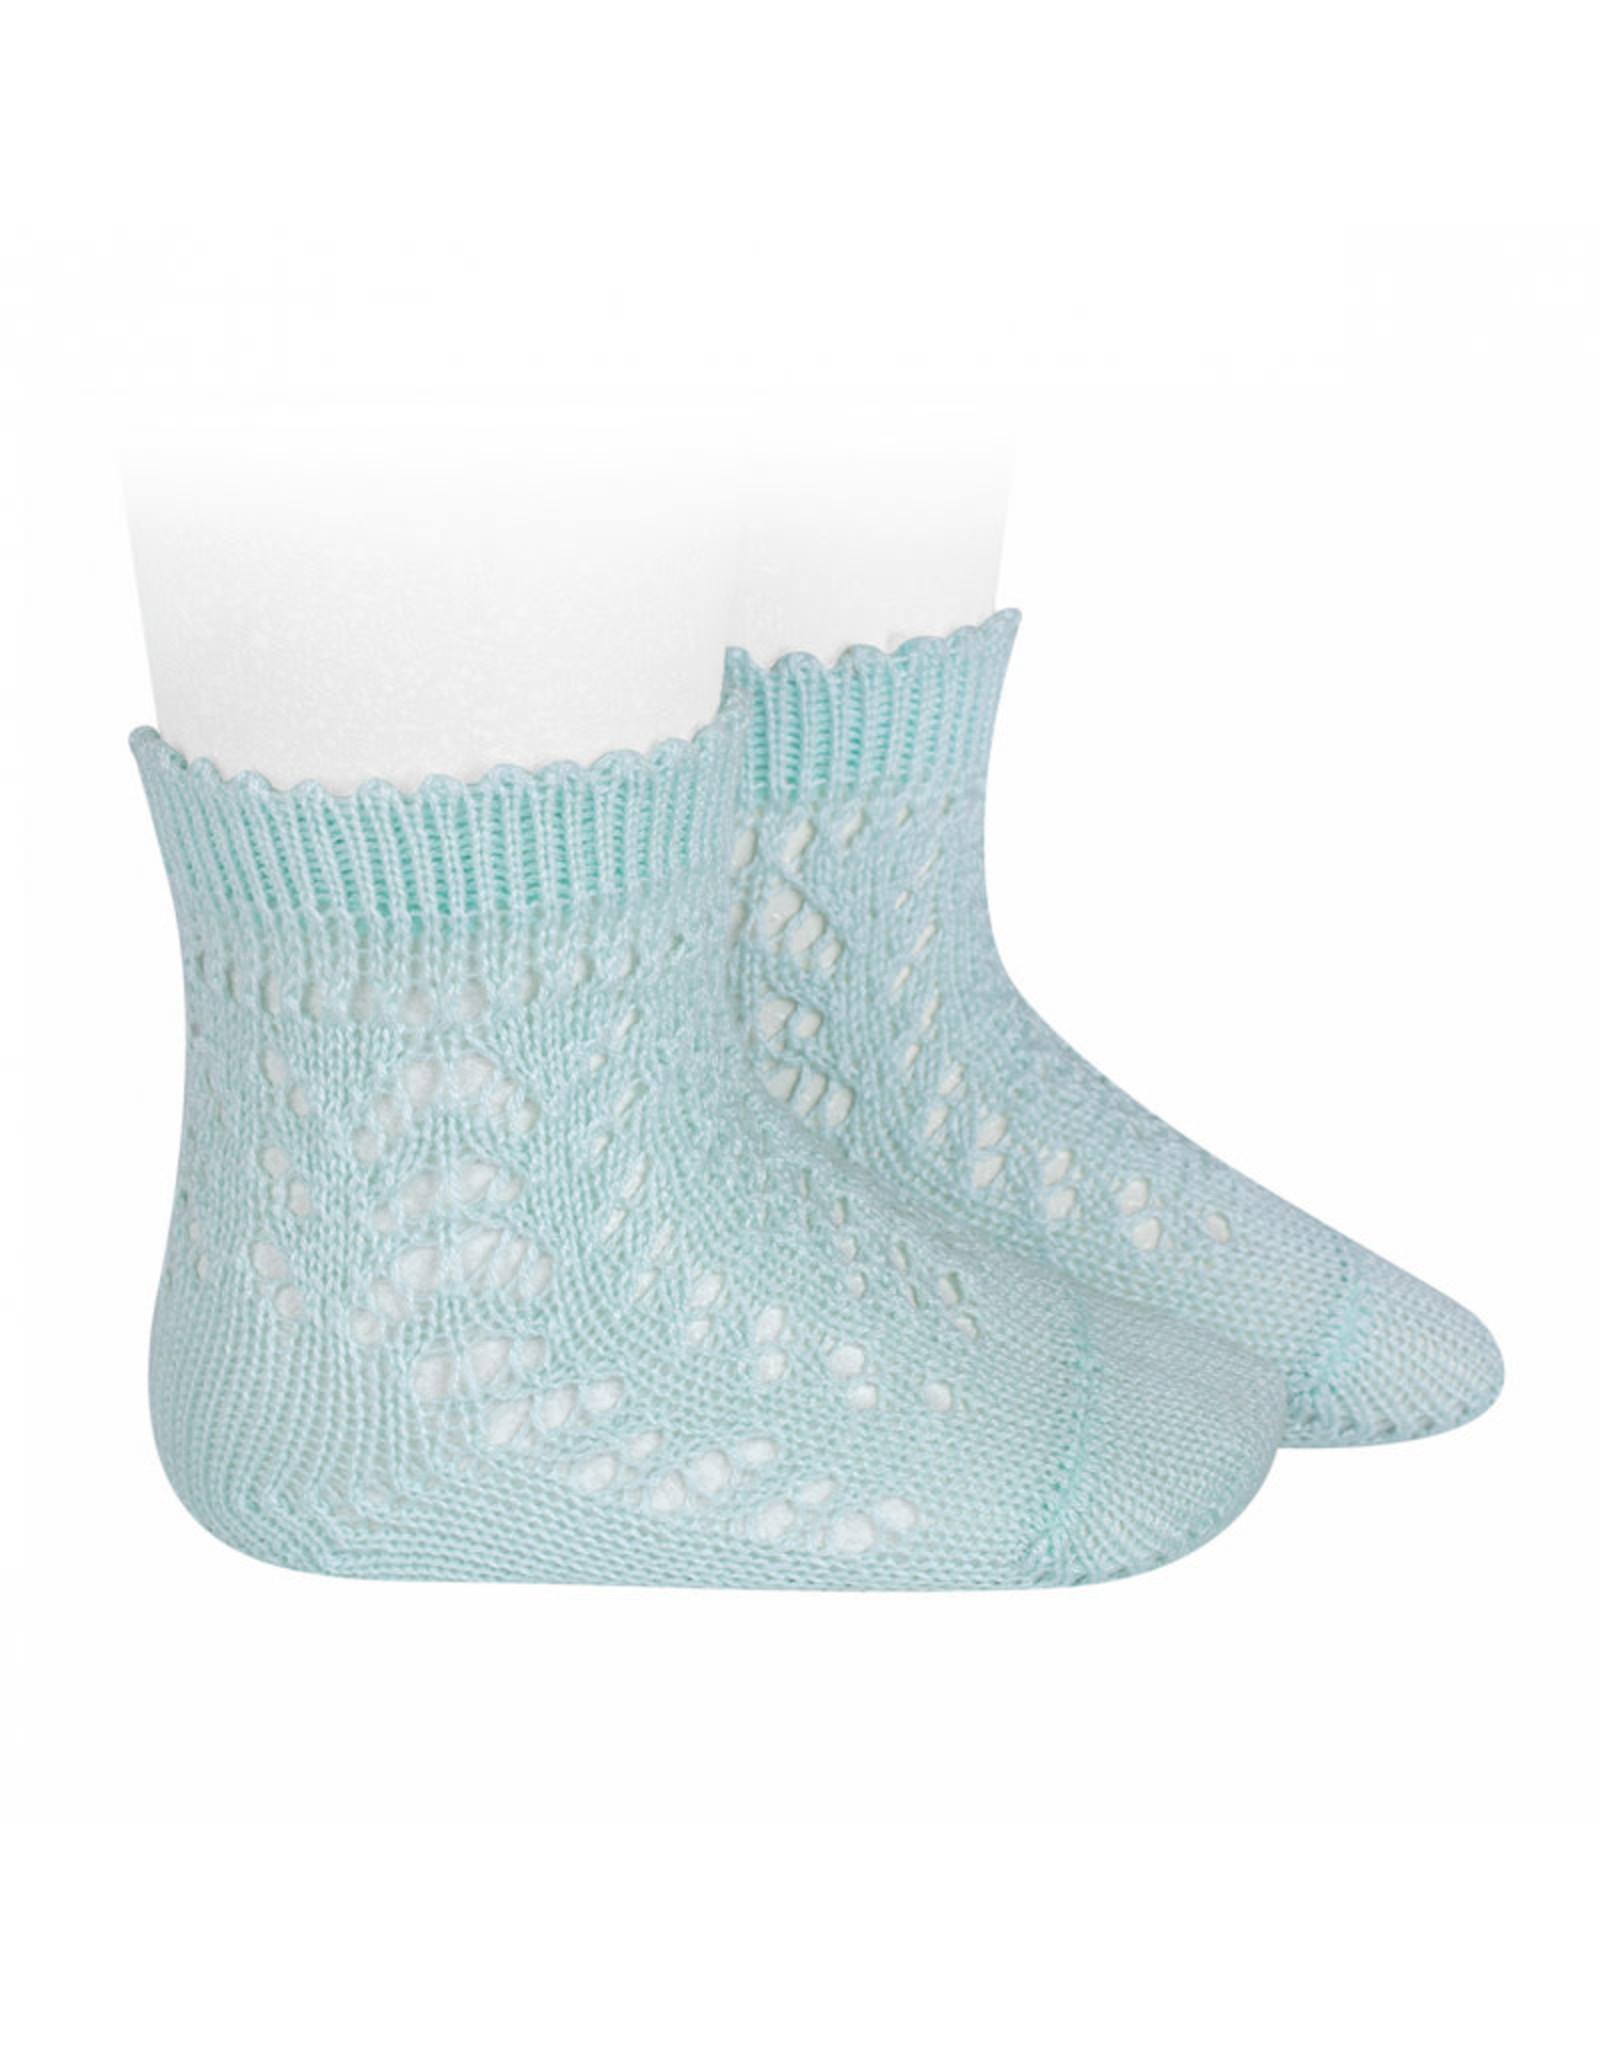 CONDOR Aquamarine Openwork Short Socks